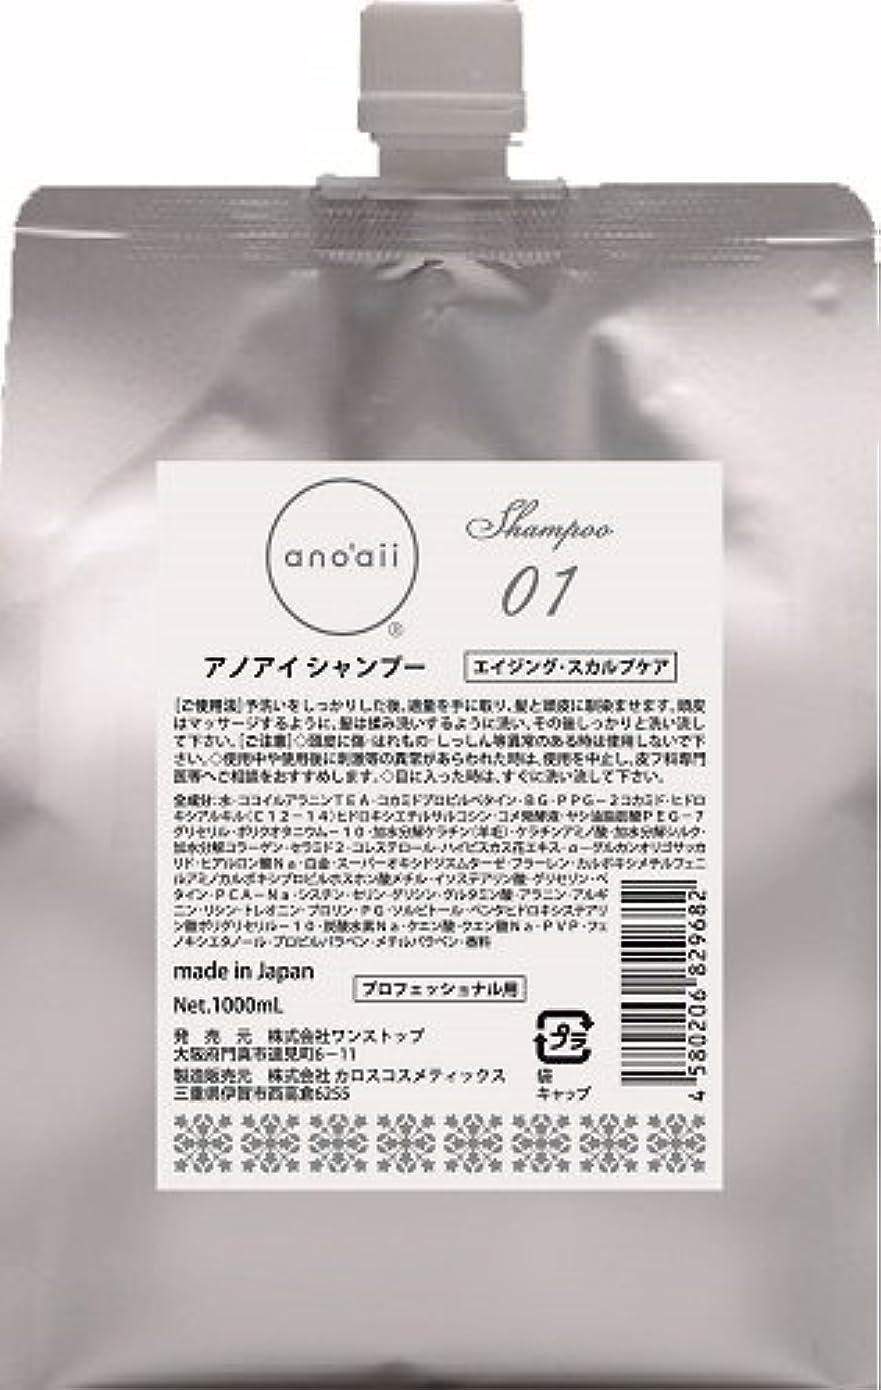 リスキーな目を覚ますどれanoaii (アノアイ) エイジングスカルプシャンプー 1000ml レフィル